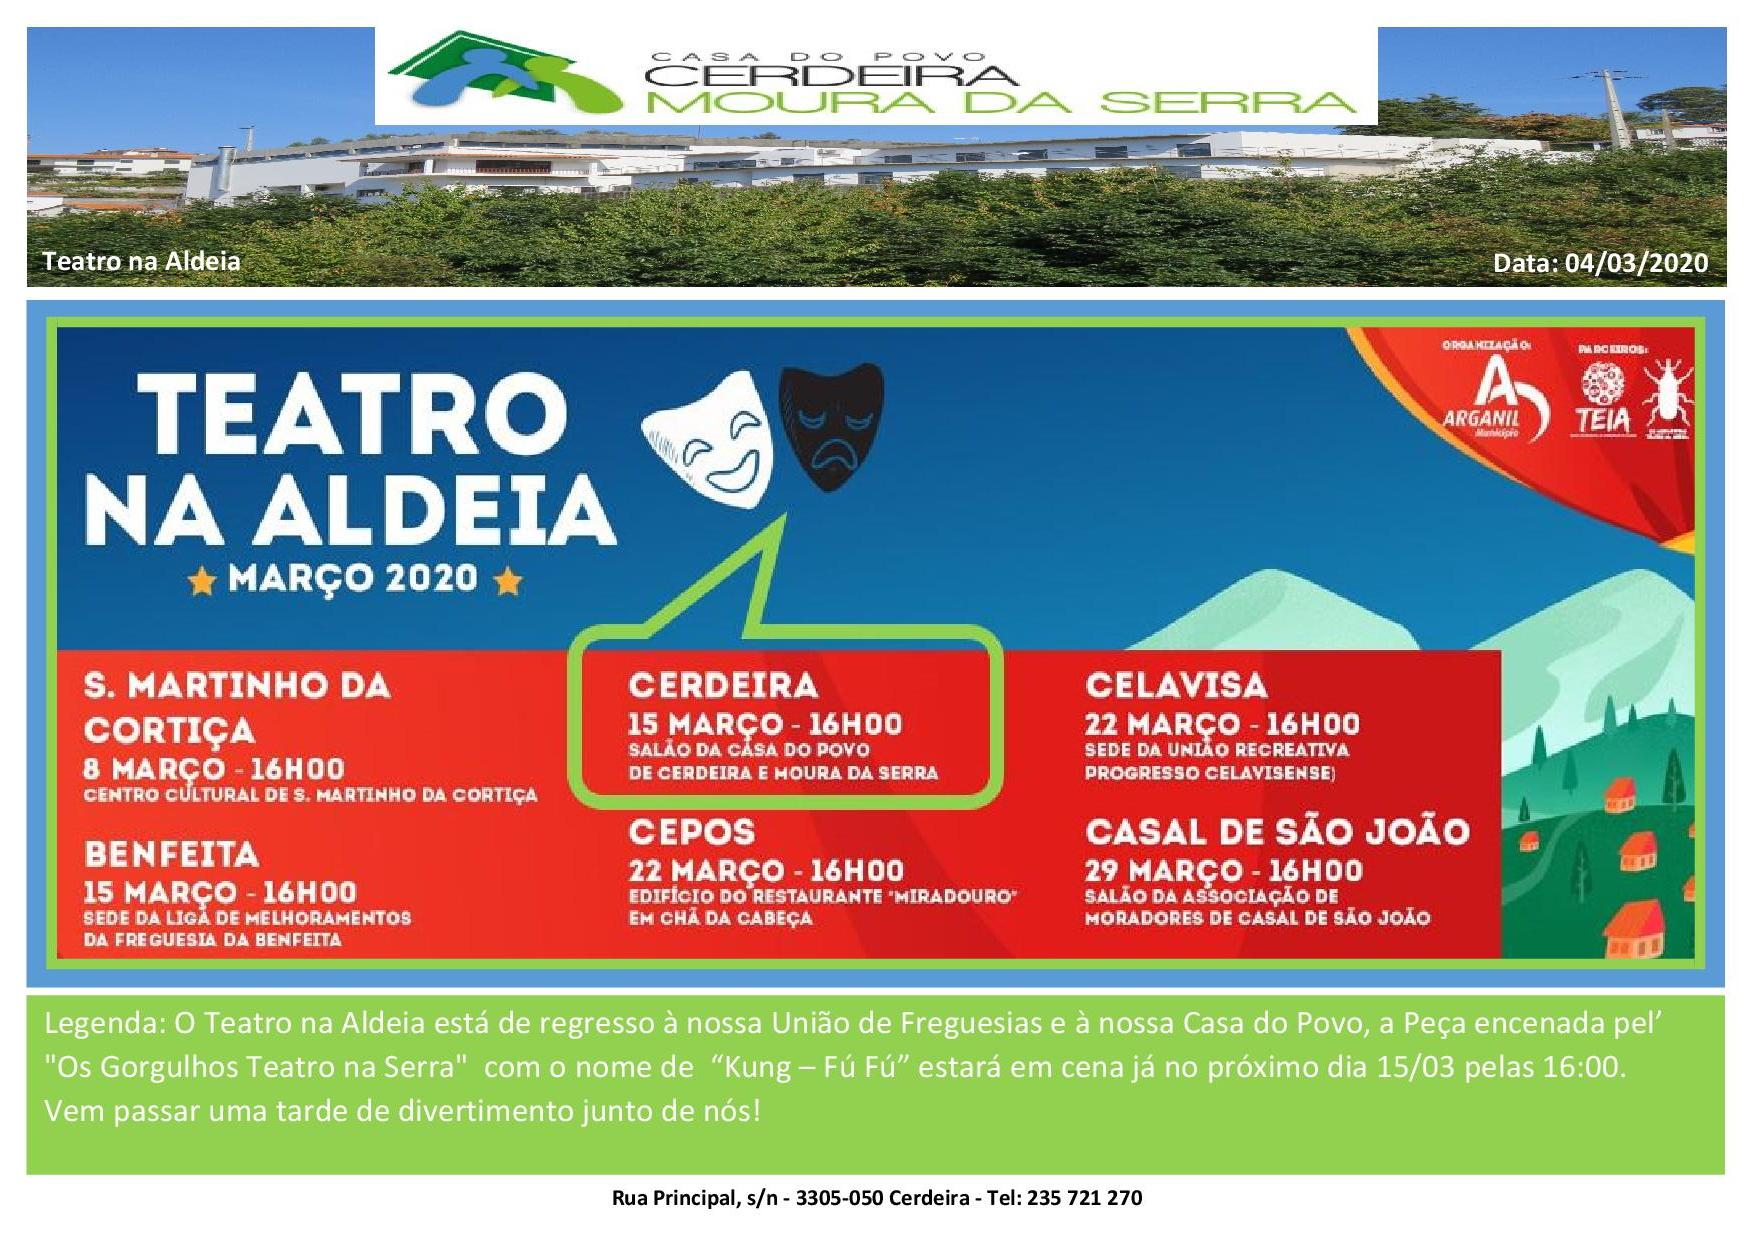 Teatro na Aldeia na nossa Casa do Povo de Cerdeira e Moura da Serra, I.P.S.S.